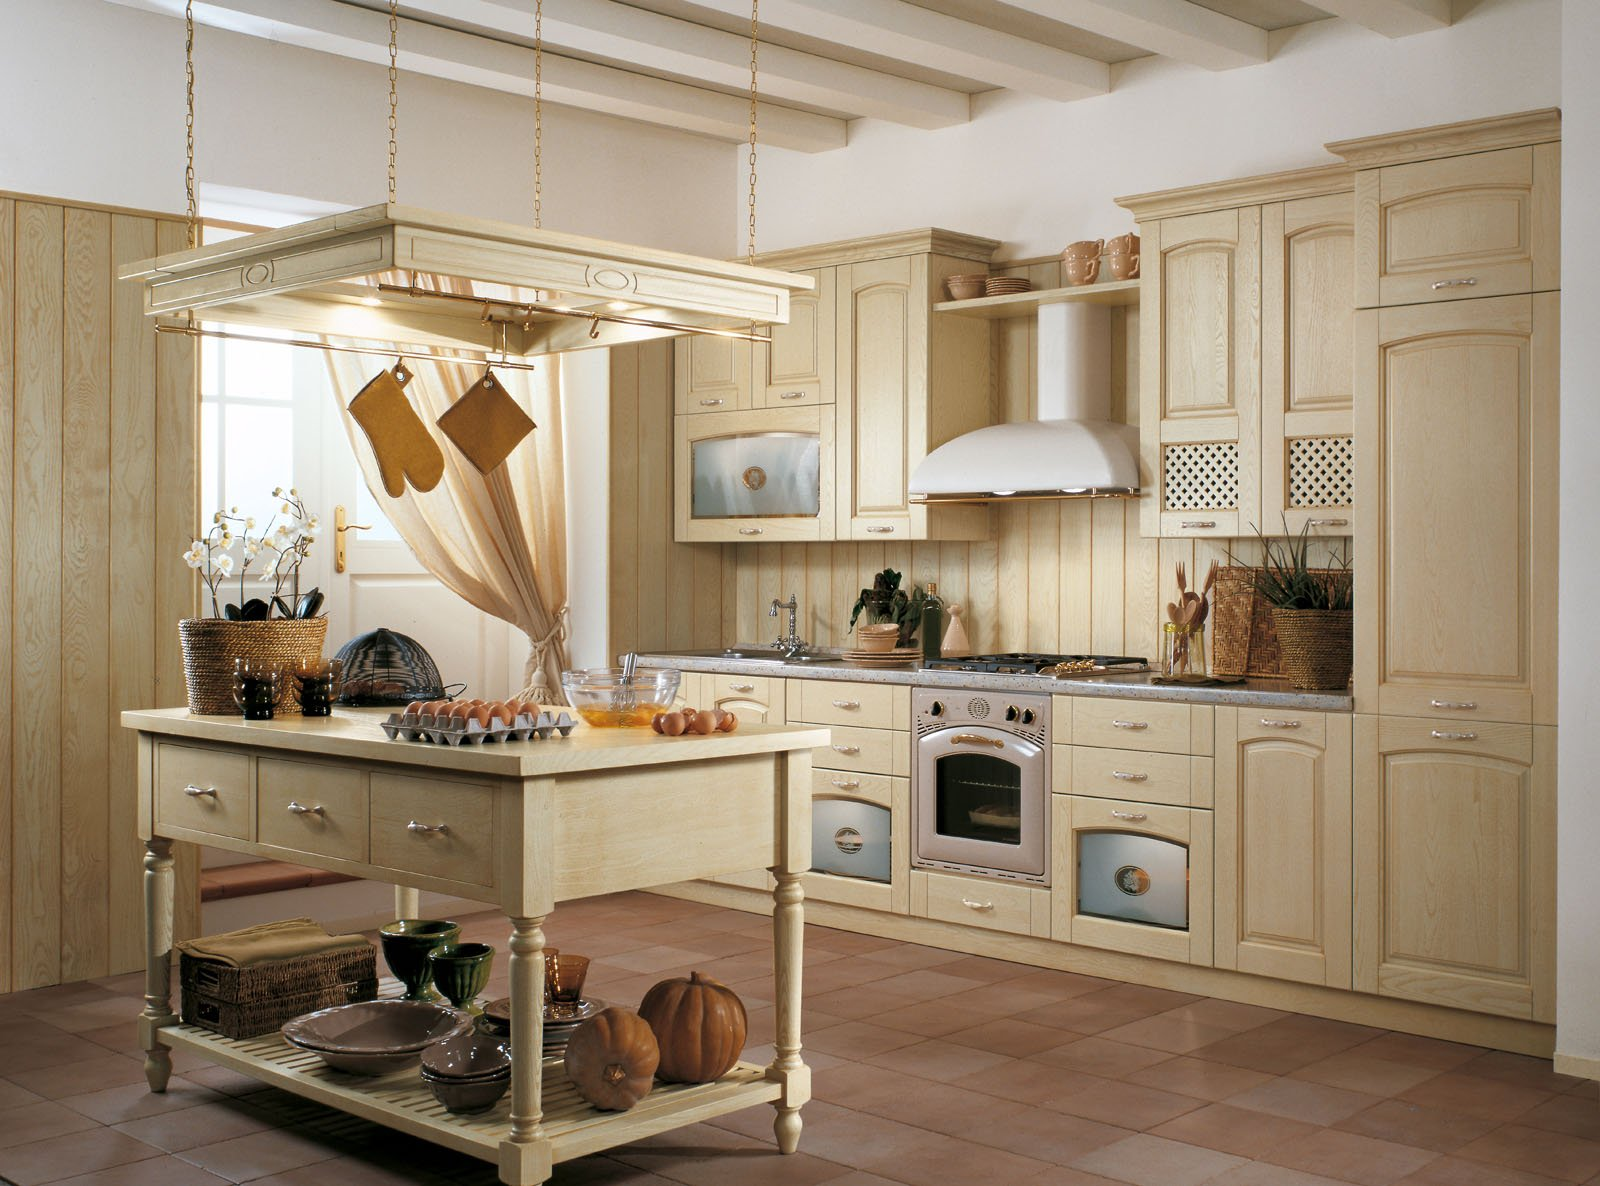 Cucine country una scelta di stile cose di casa for Cucina di campagna inglese